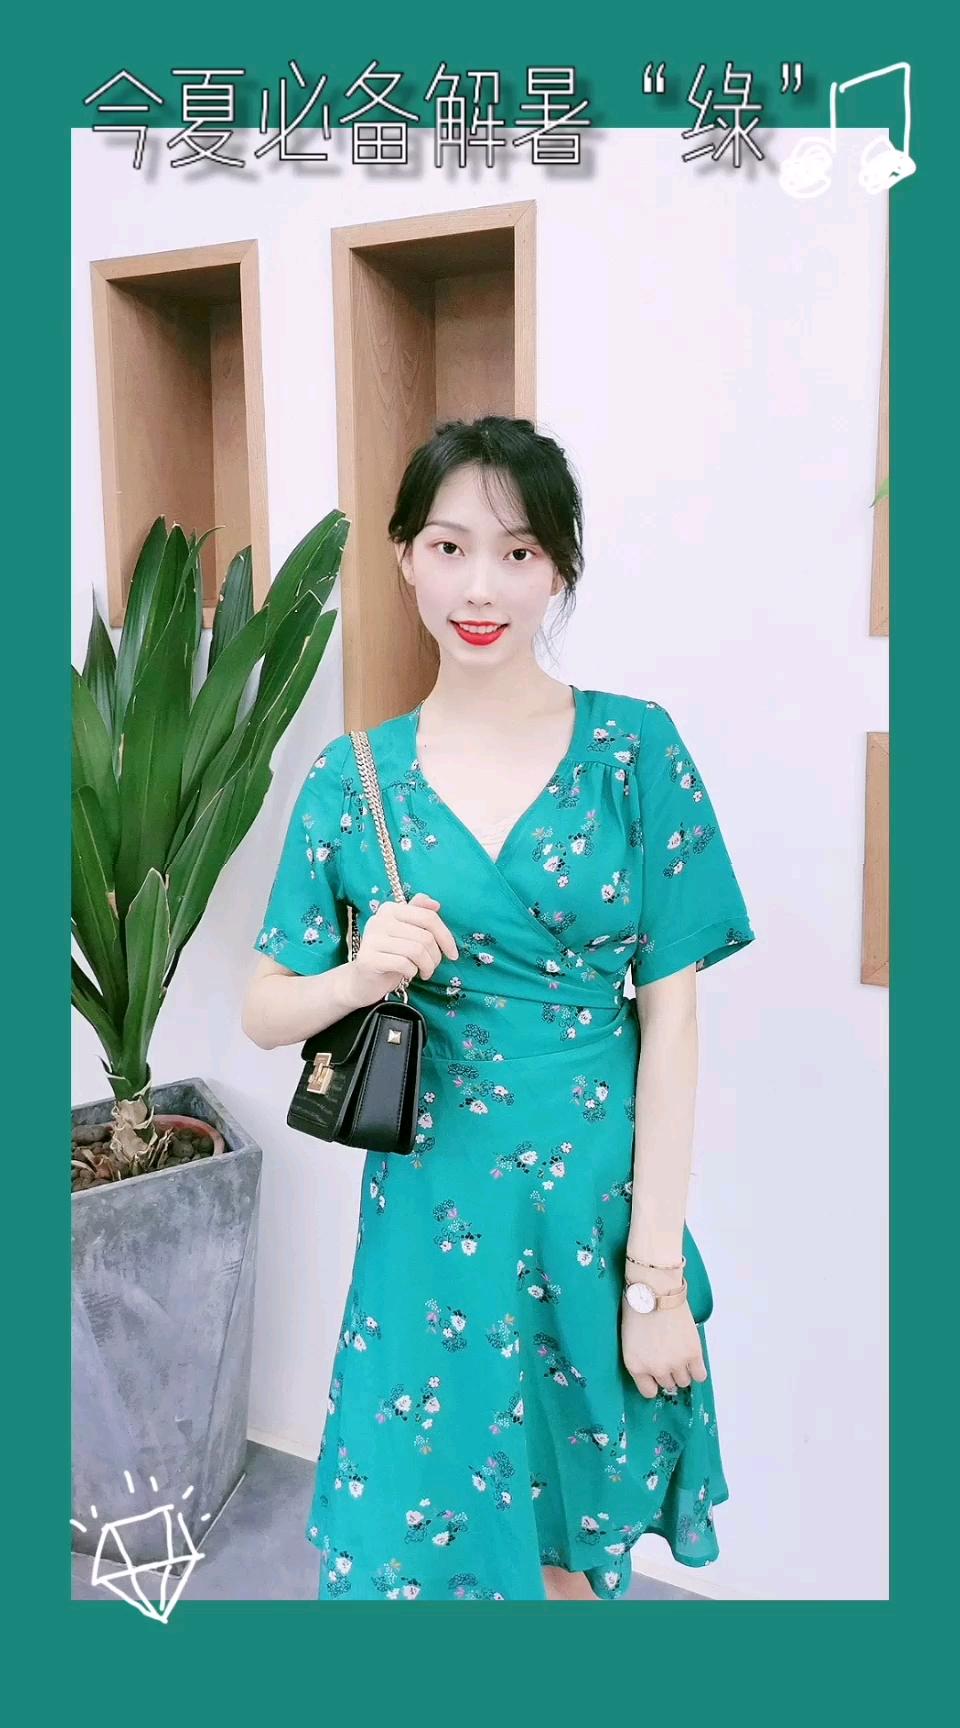 #热炸天,穿的轻薄才解暑# 夏日必不可少的颜色 当然是绿色啦 这条温柔优雅的碎花裙 给人眼前一亮 收腰设计突显好身材 满分 √